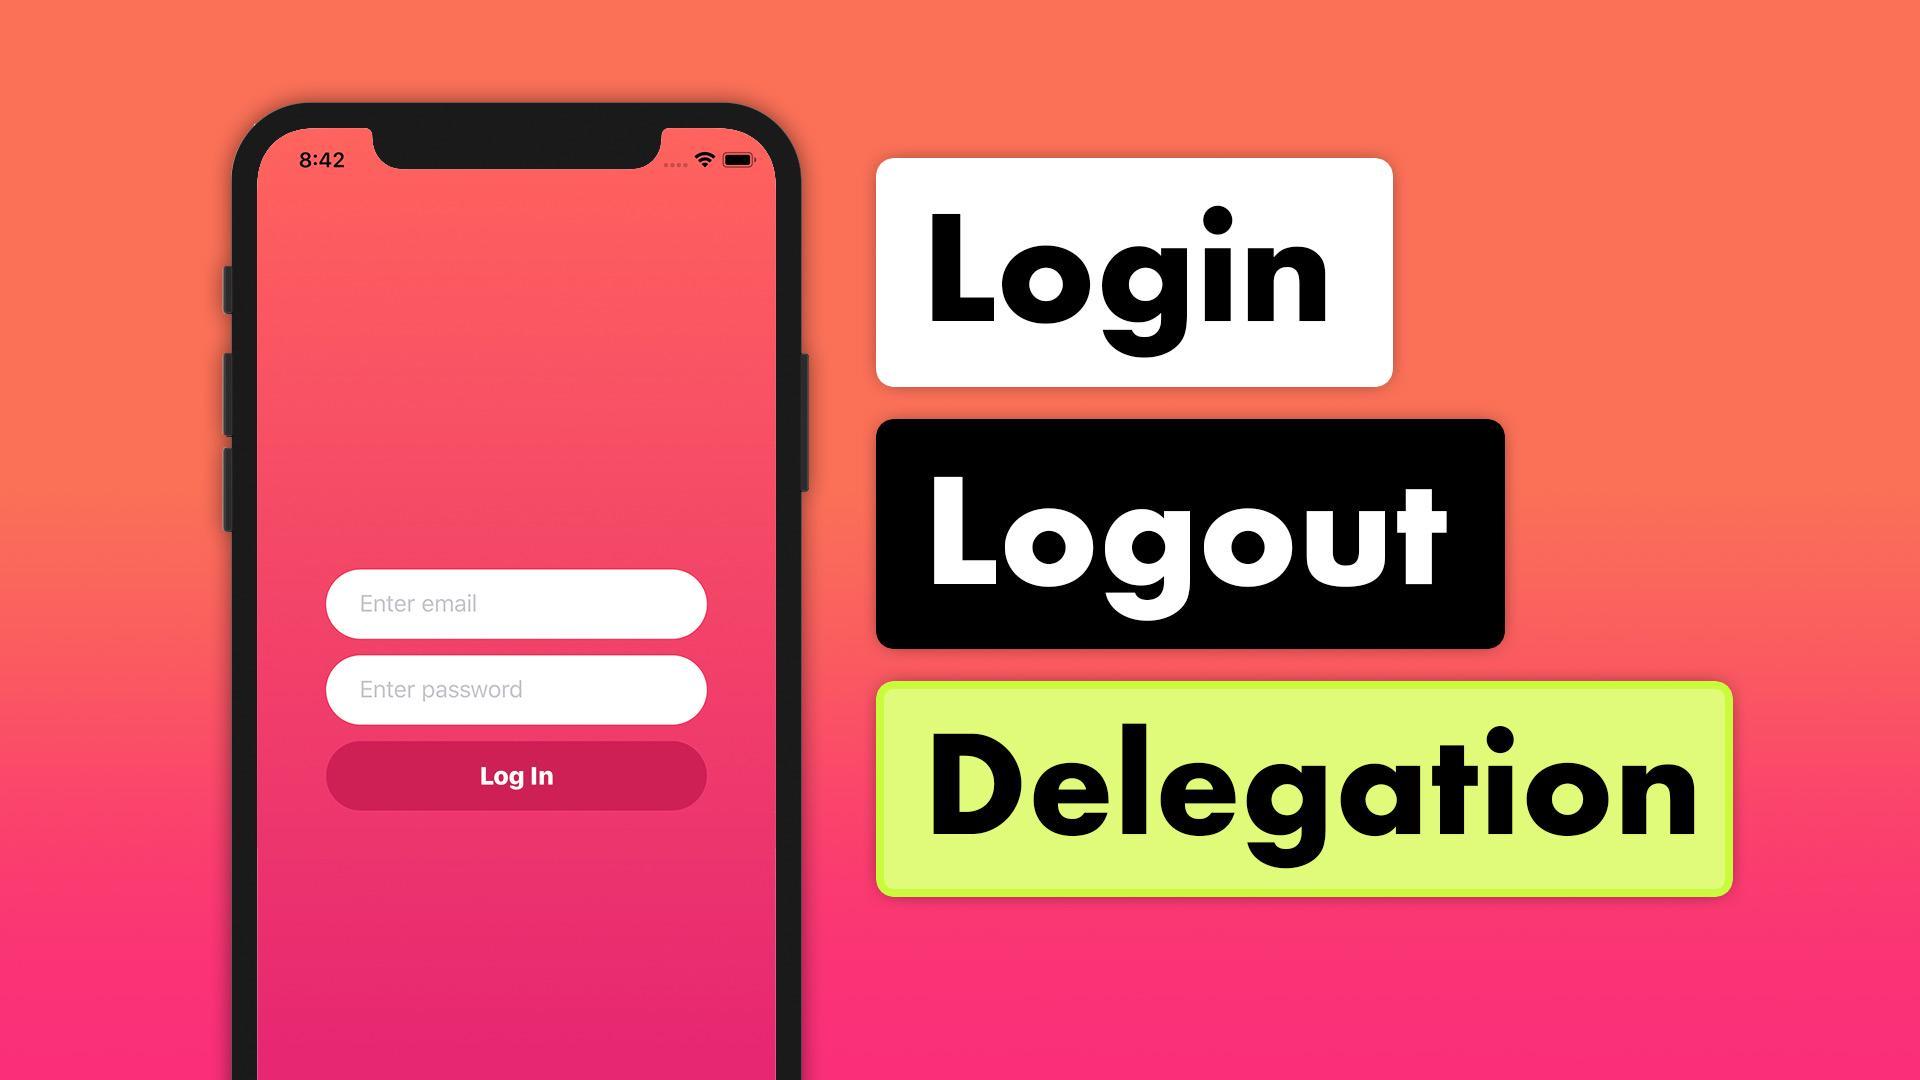 Tinder Firestore MVVM 20   Login / Logout Delegation